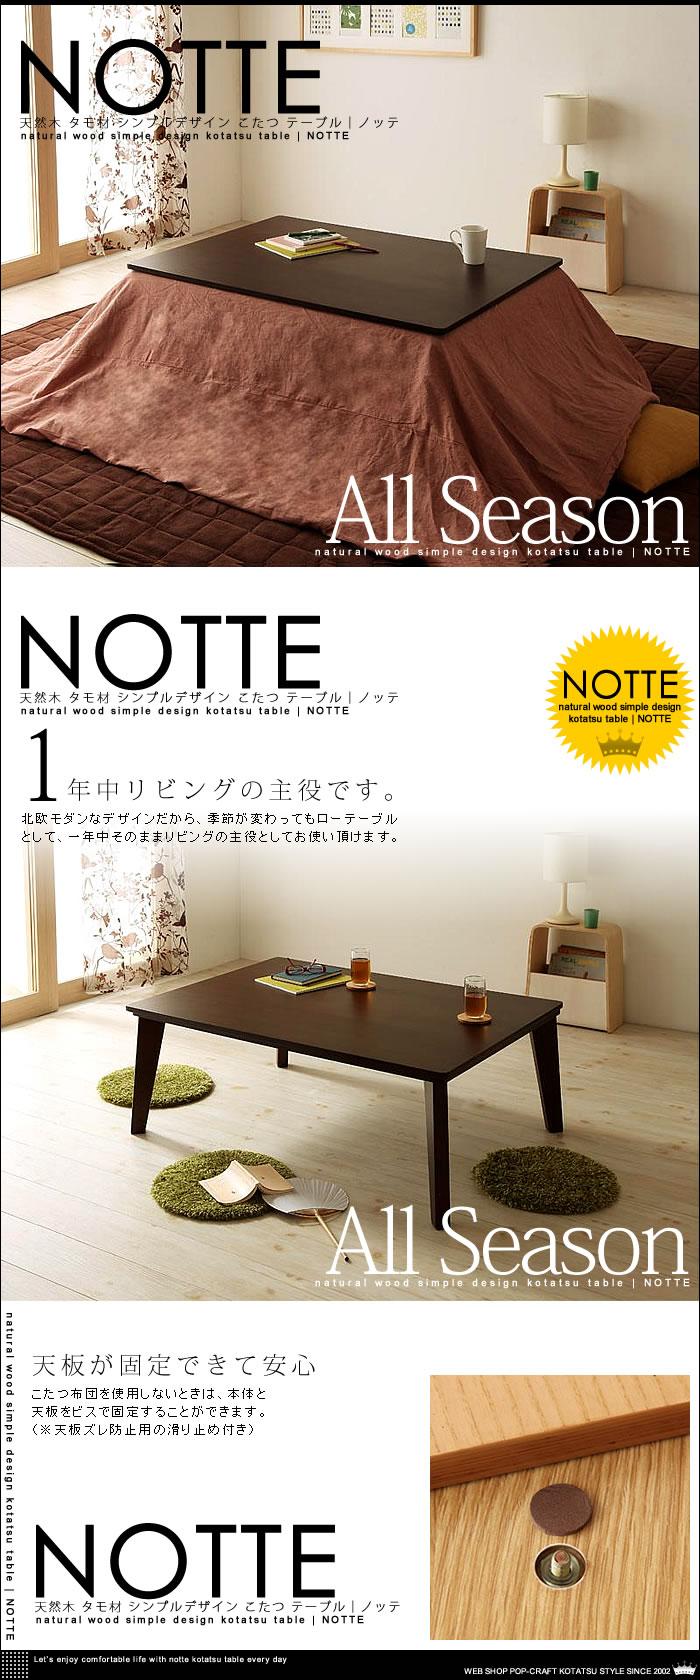 天然木 タモ材 シンプルデザイン こたつ テーブル【NOTTE】ノッテ コタツ オールシーズン